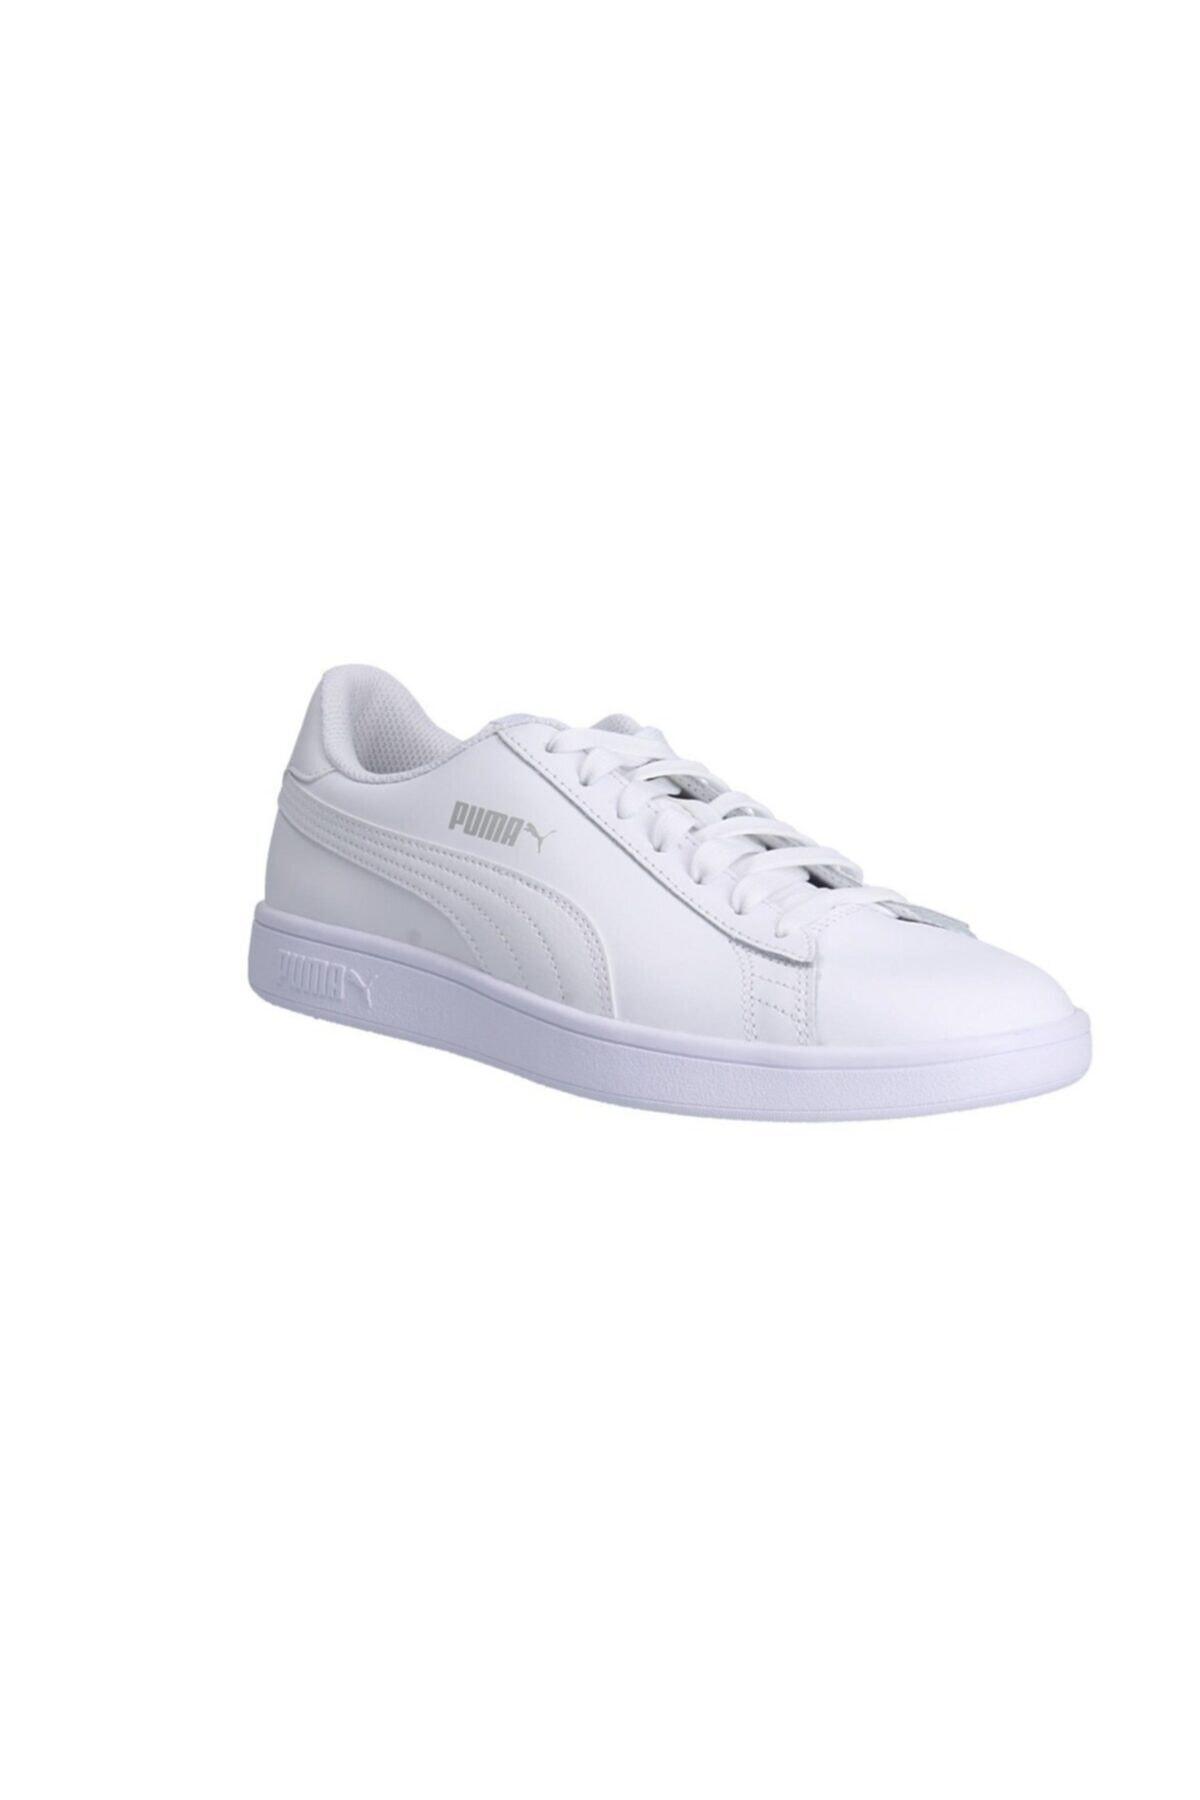 Puma 365215 07 Erkek Spor Ayakkabı Ücretsiz Kargo 1